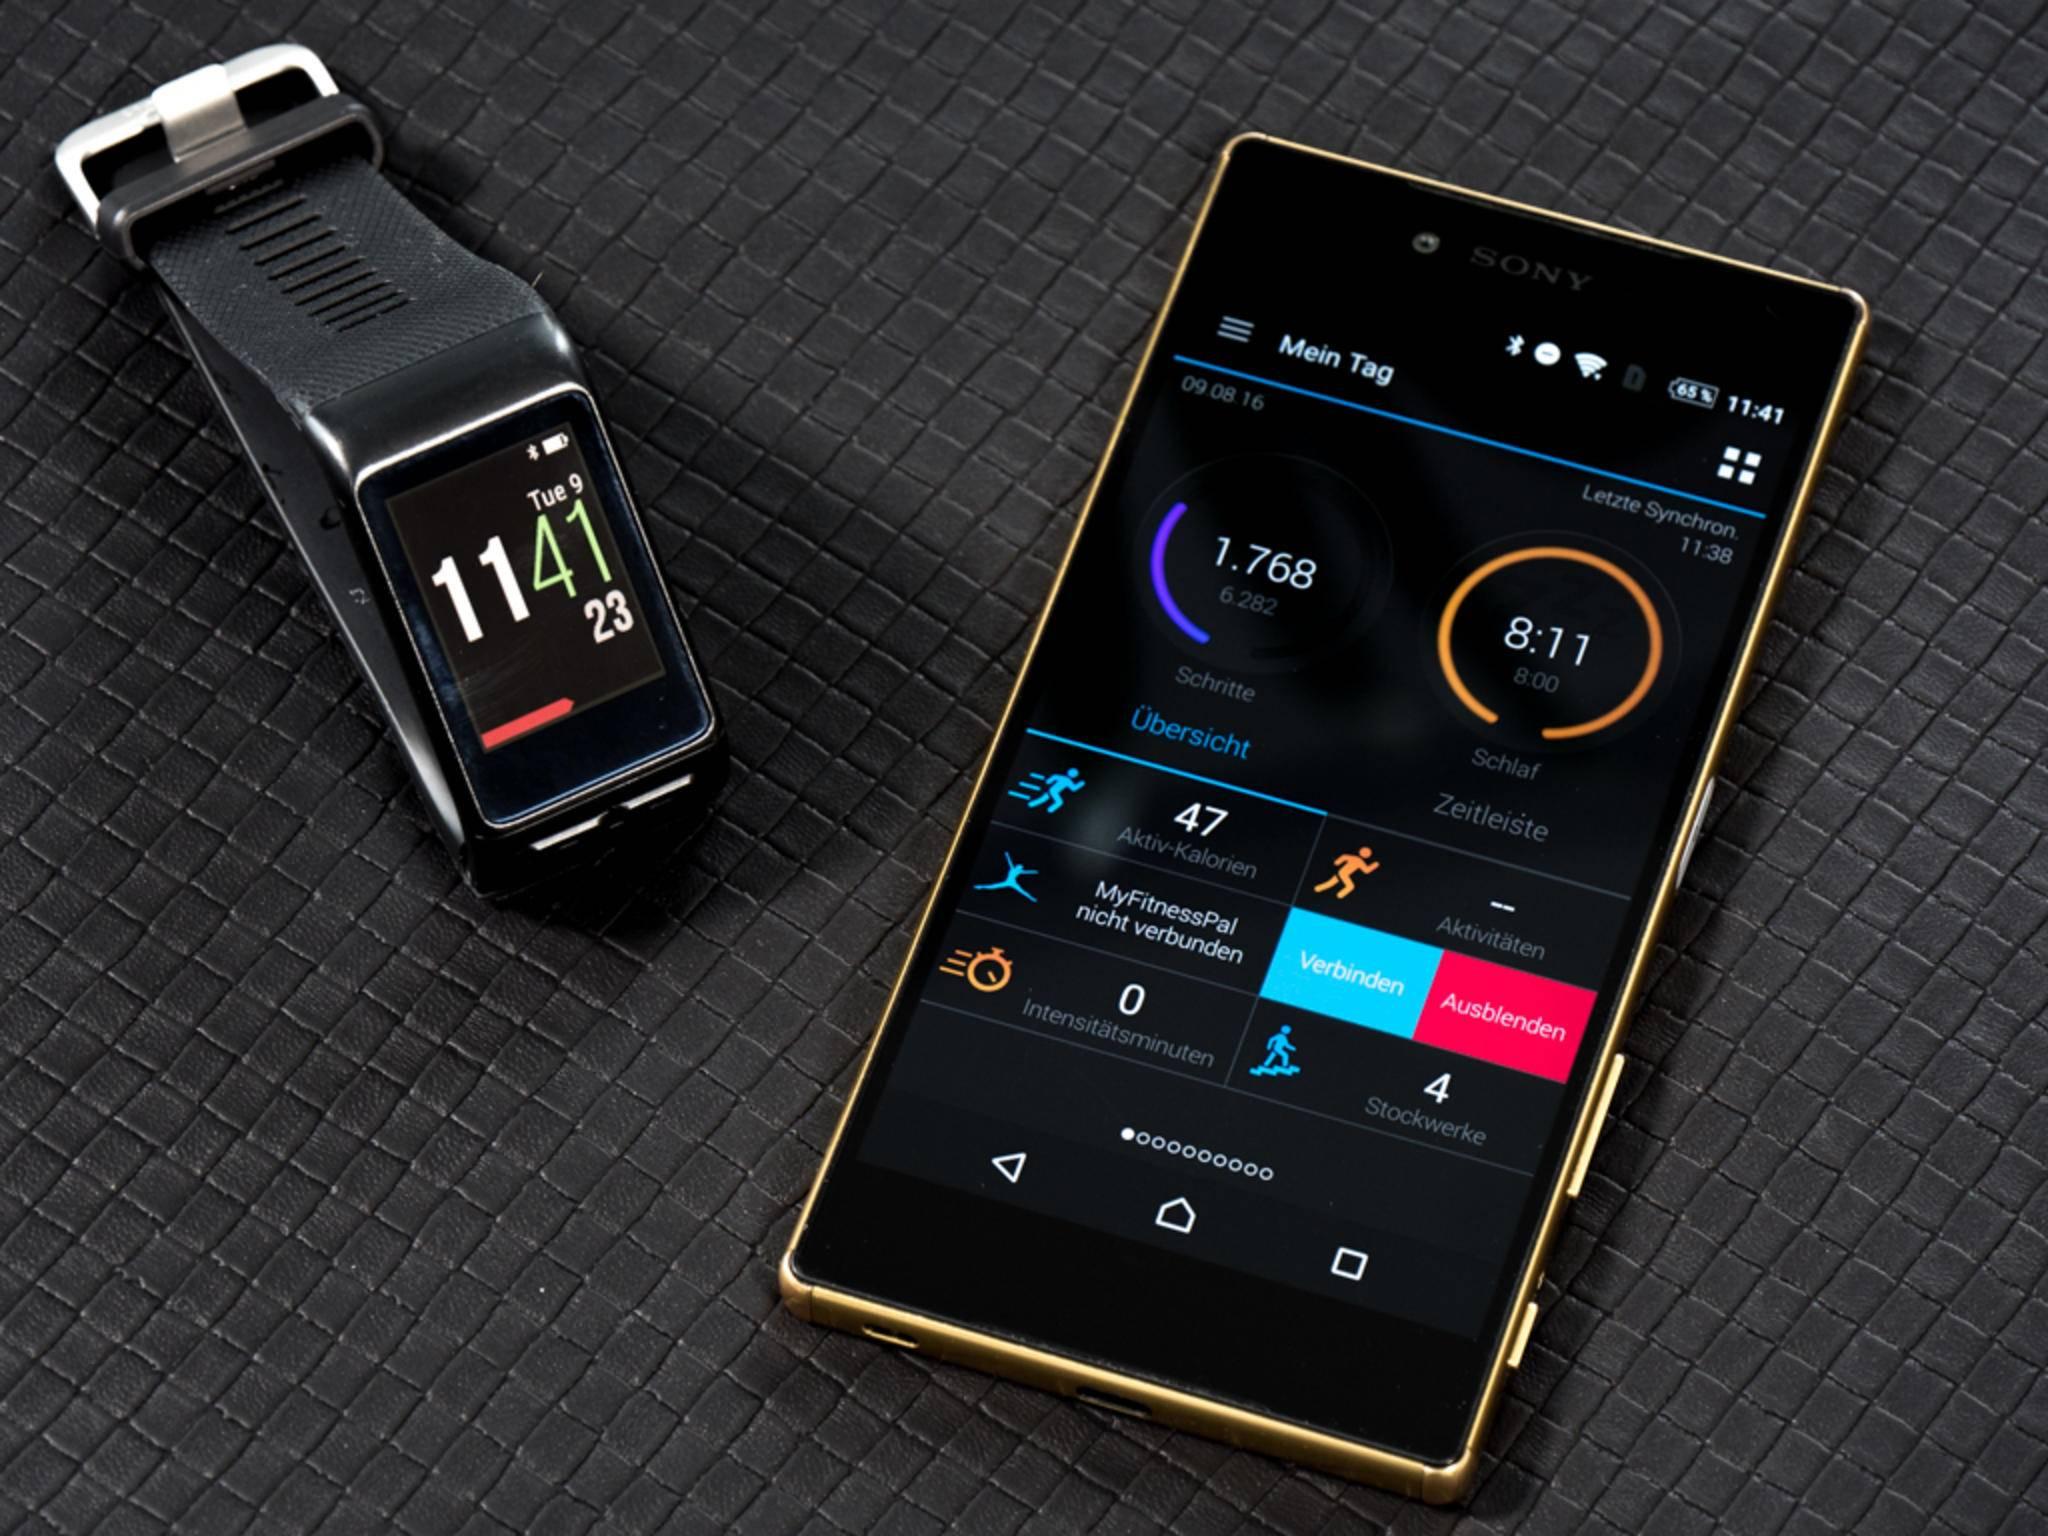 Viele Infos zeigt die Uhr selbst an, einige nur die App.